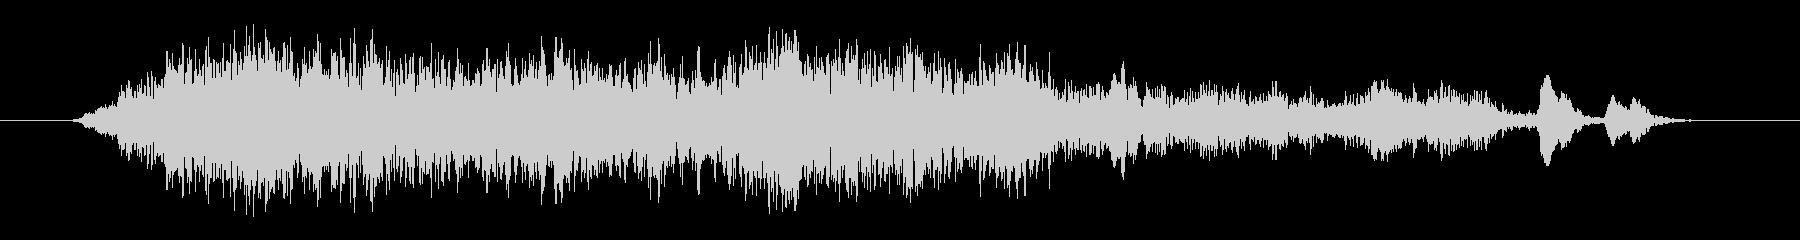 群集 チアハッピーショート04の未再生の波形